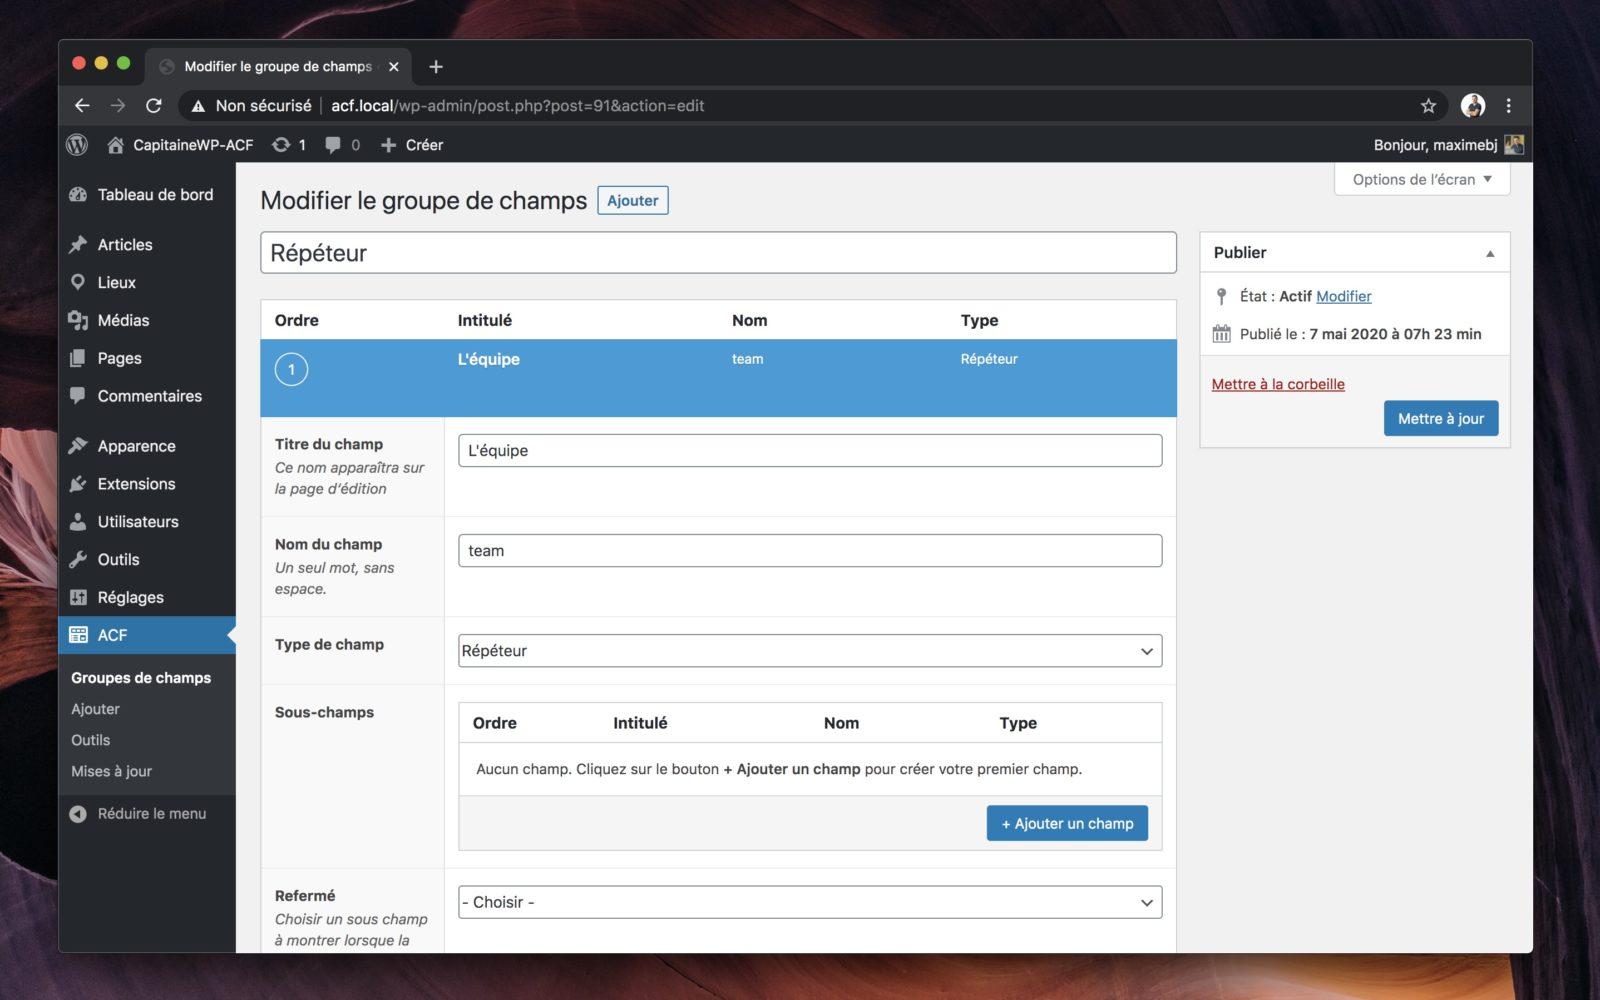 Capture d'écran de l'interface de gestion des champs du Répéteur dans ACF